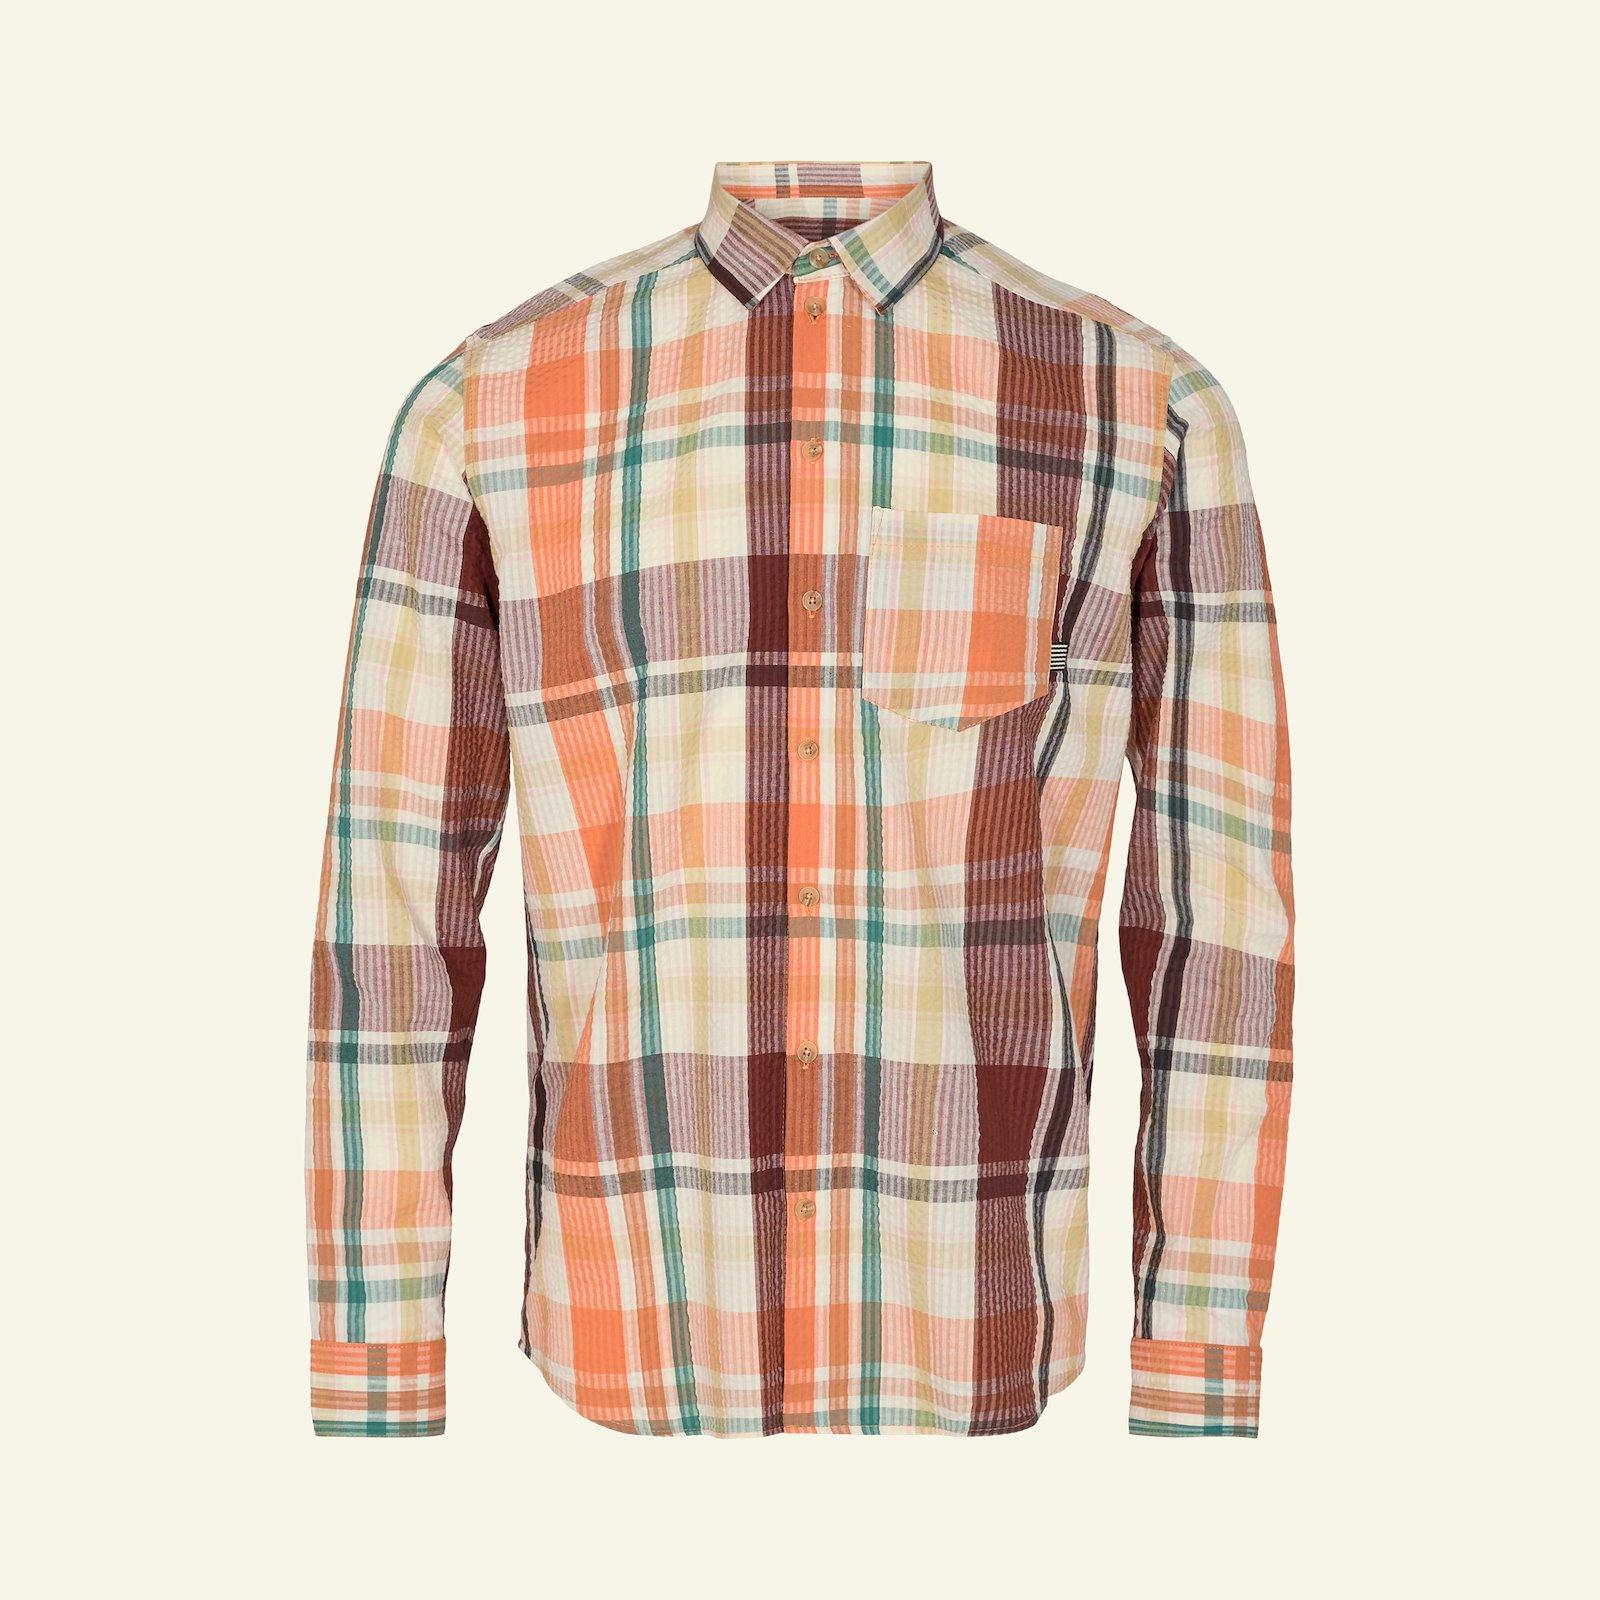 Shirt, XL p87001_580049_33044_sskit